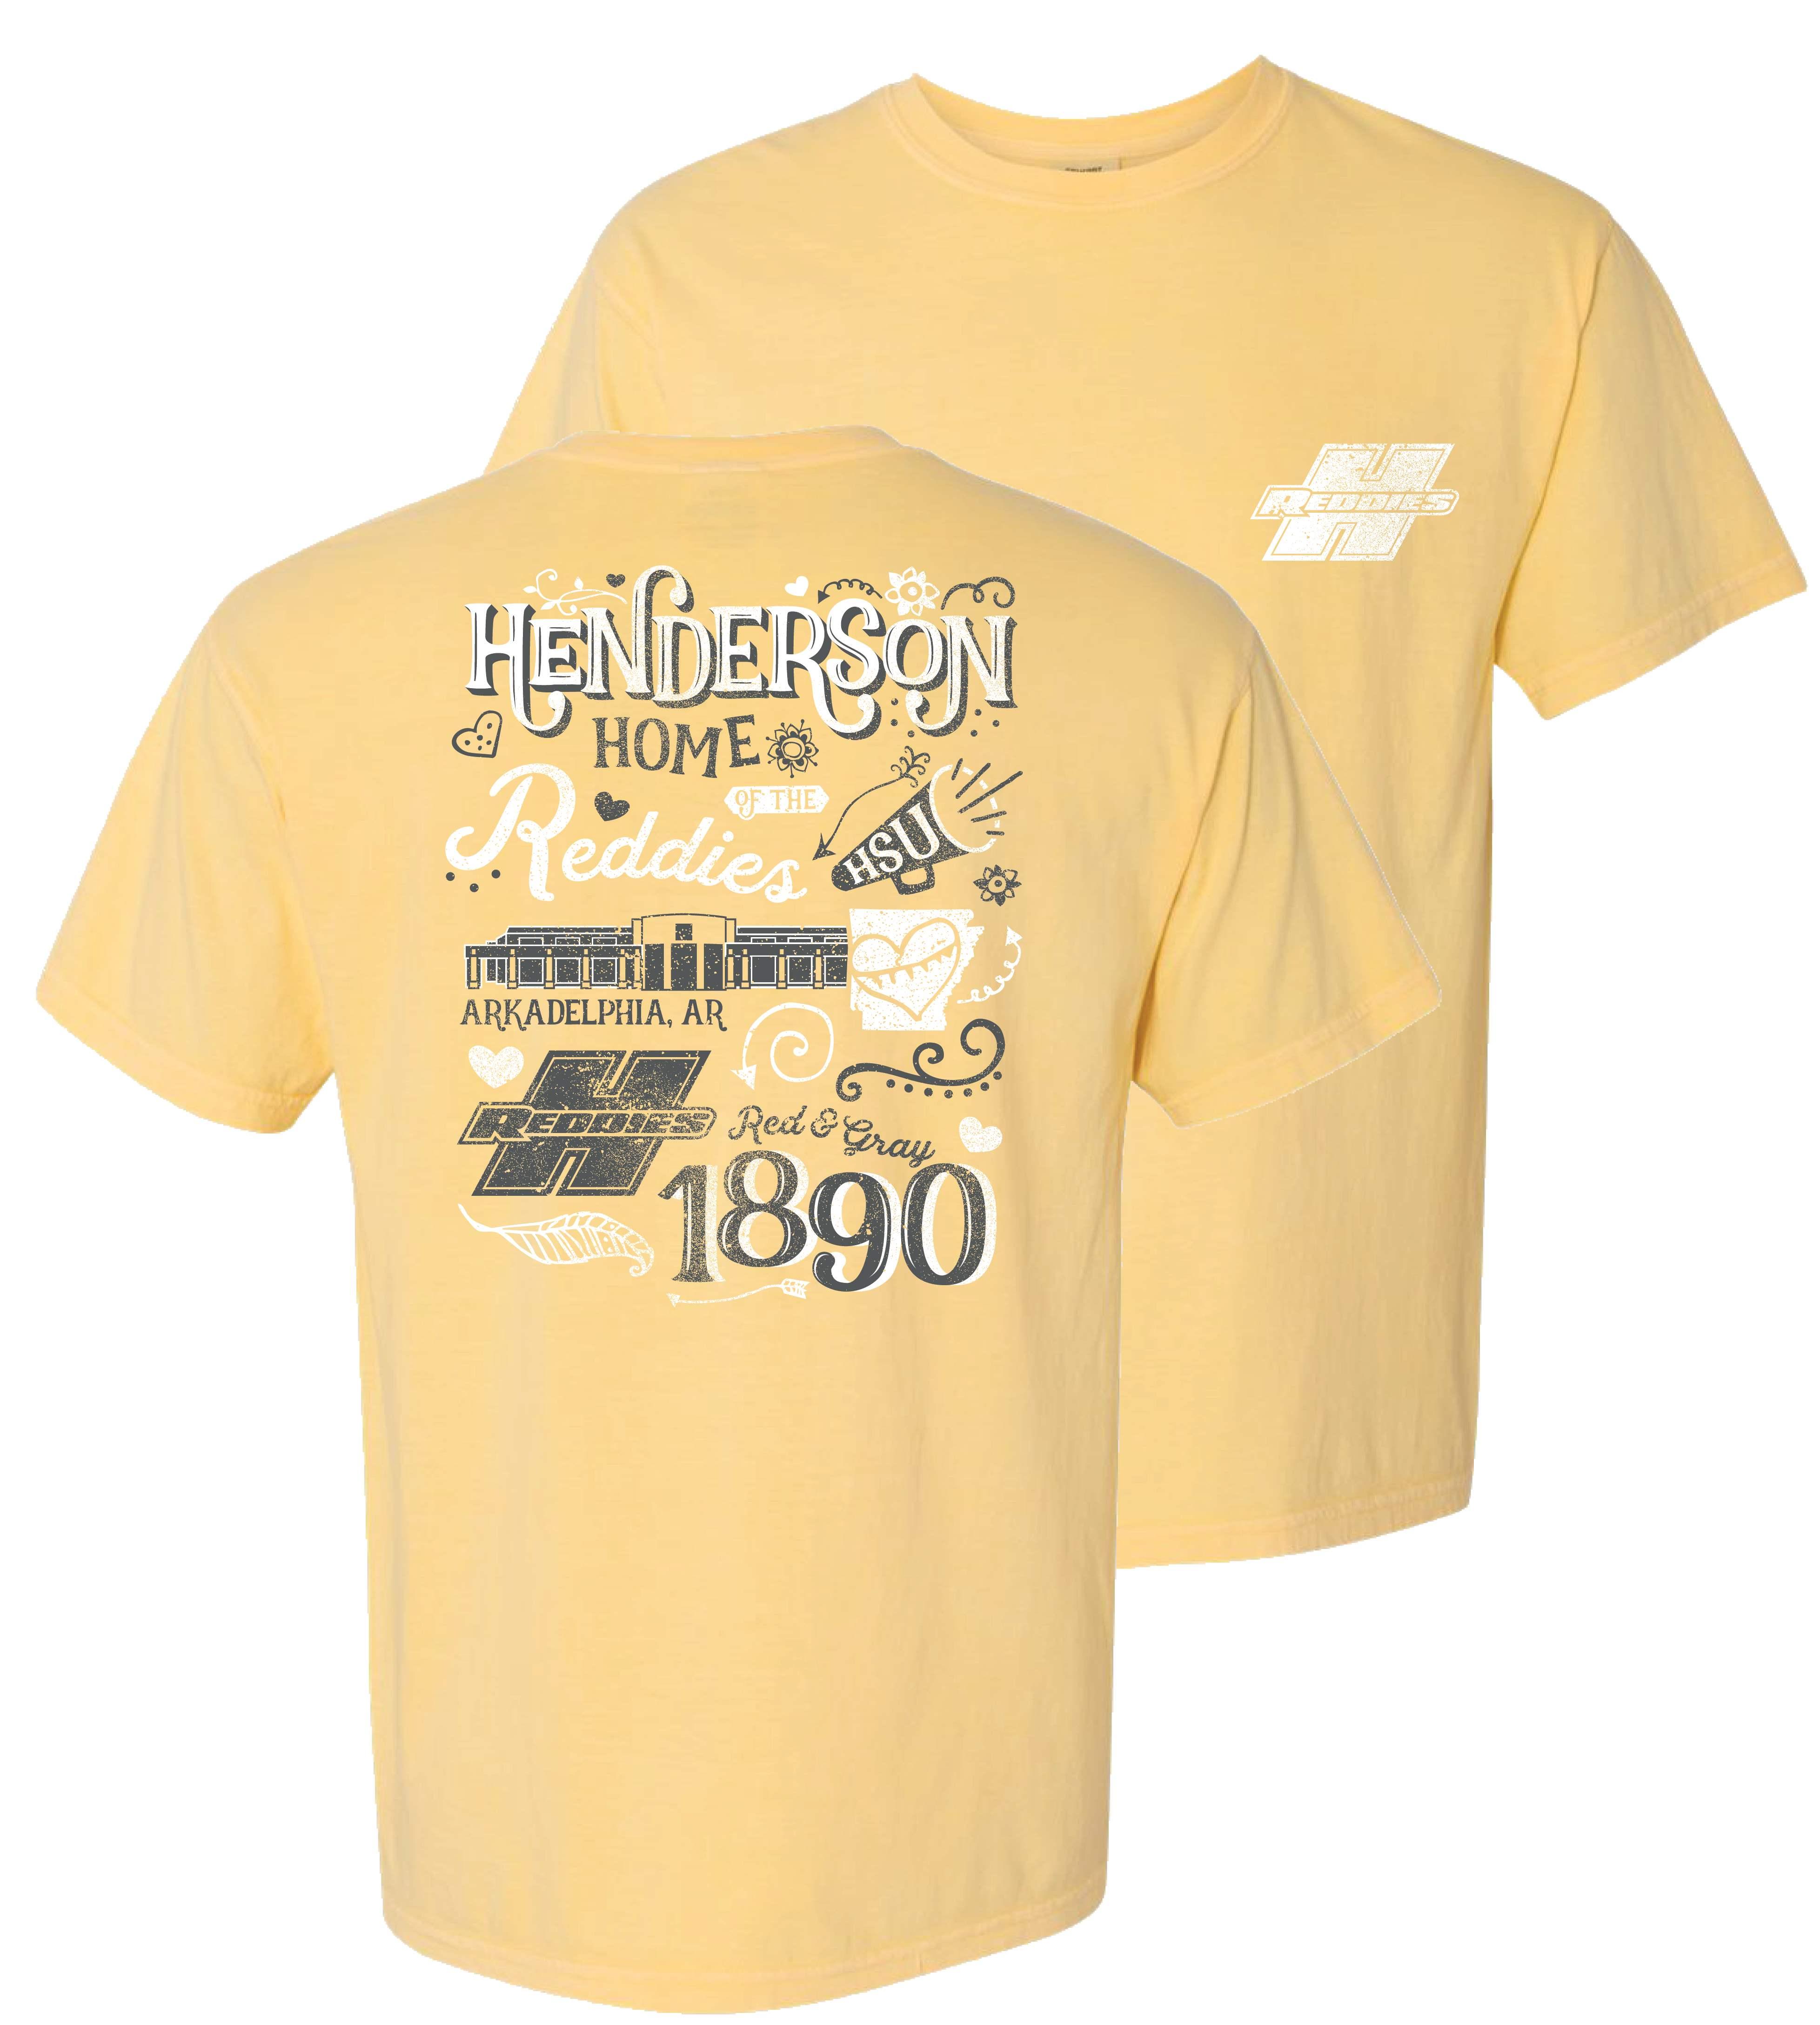 Reddies Comfort Color Crew Neck Short Sleeve T-Shirt